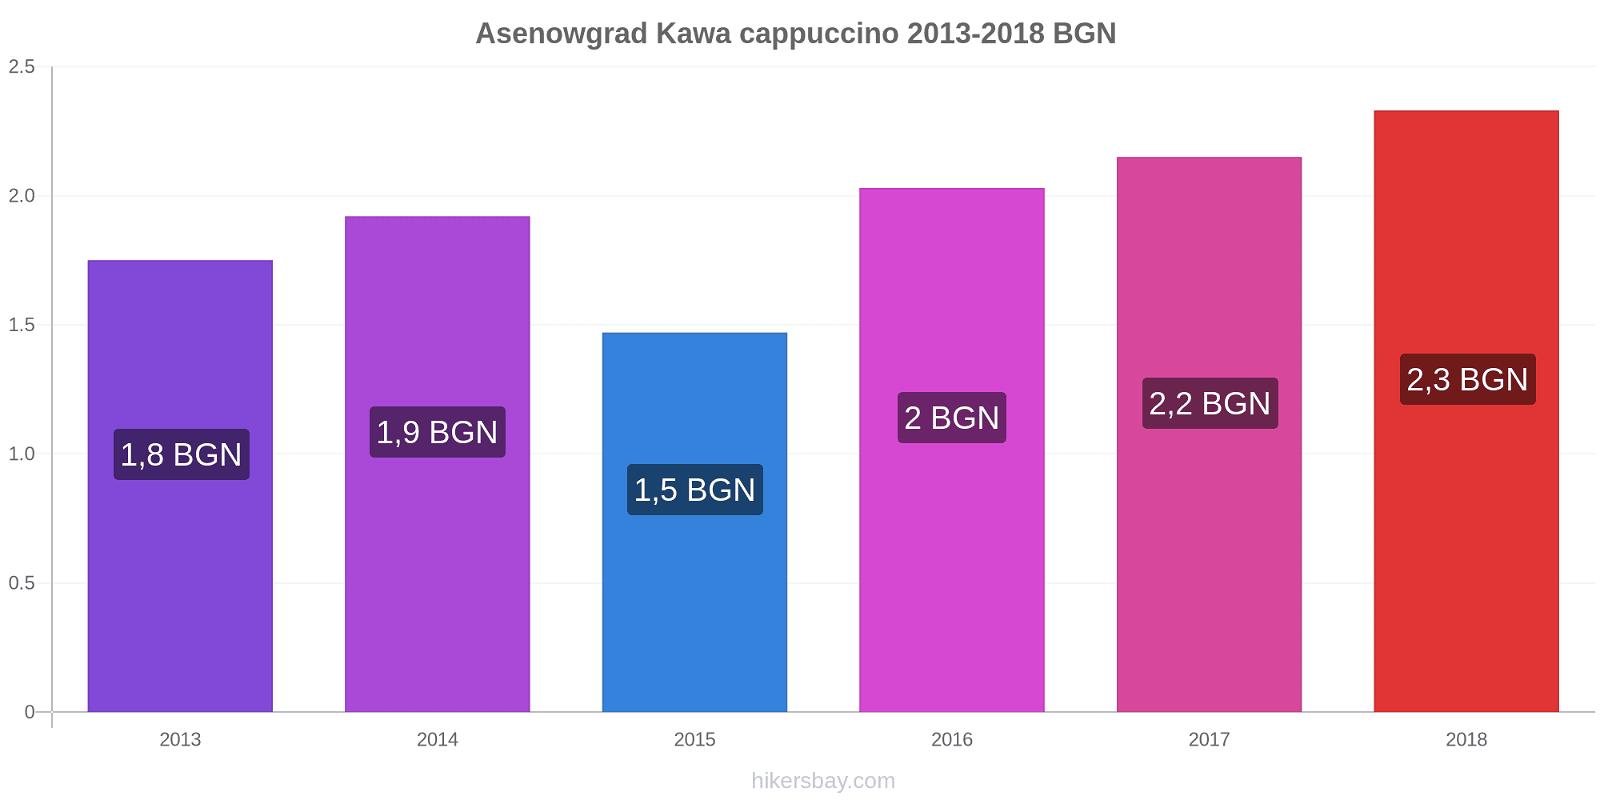 Asenowgrad zmiany cen Kawa cappuccino hikersbay.com